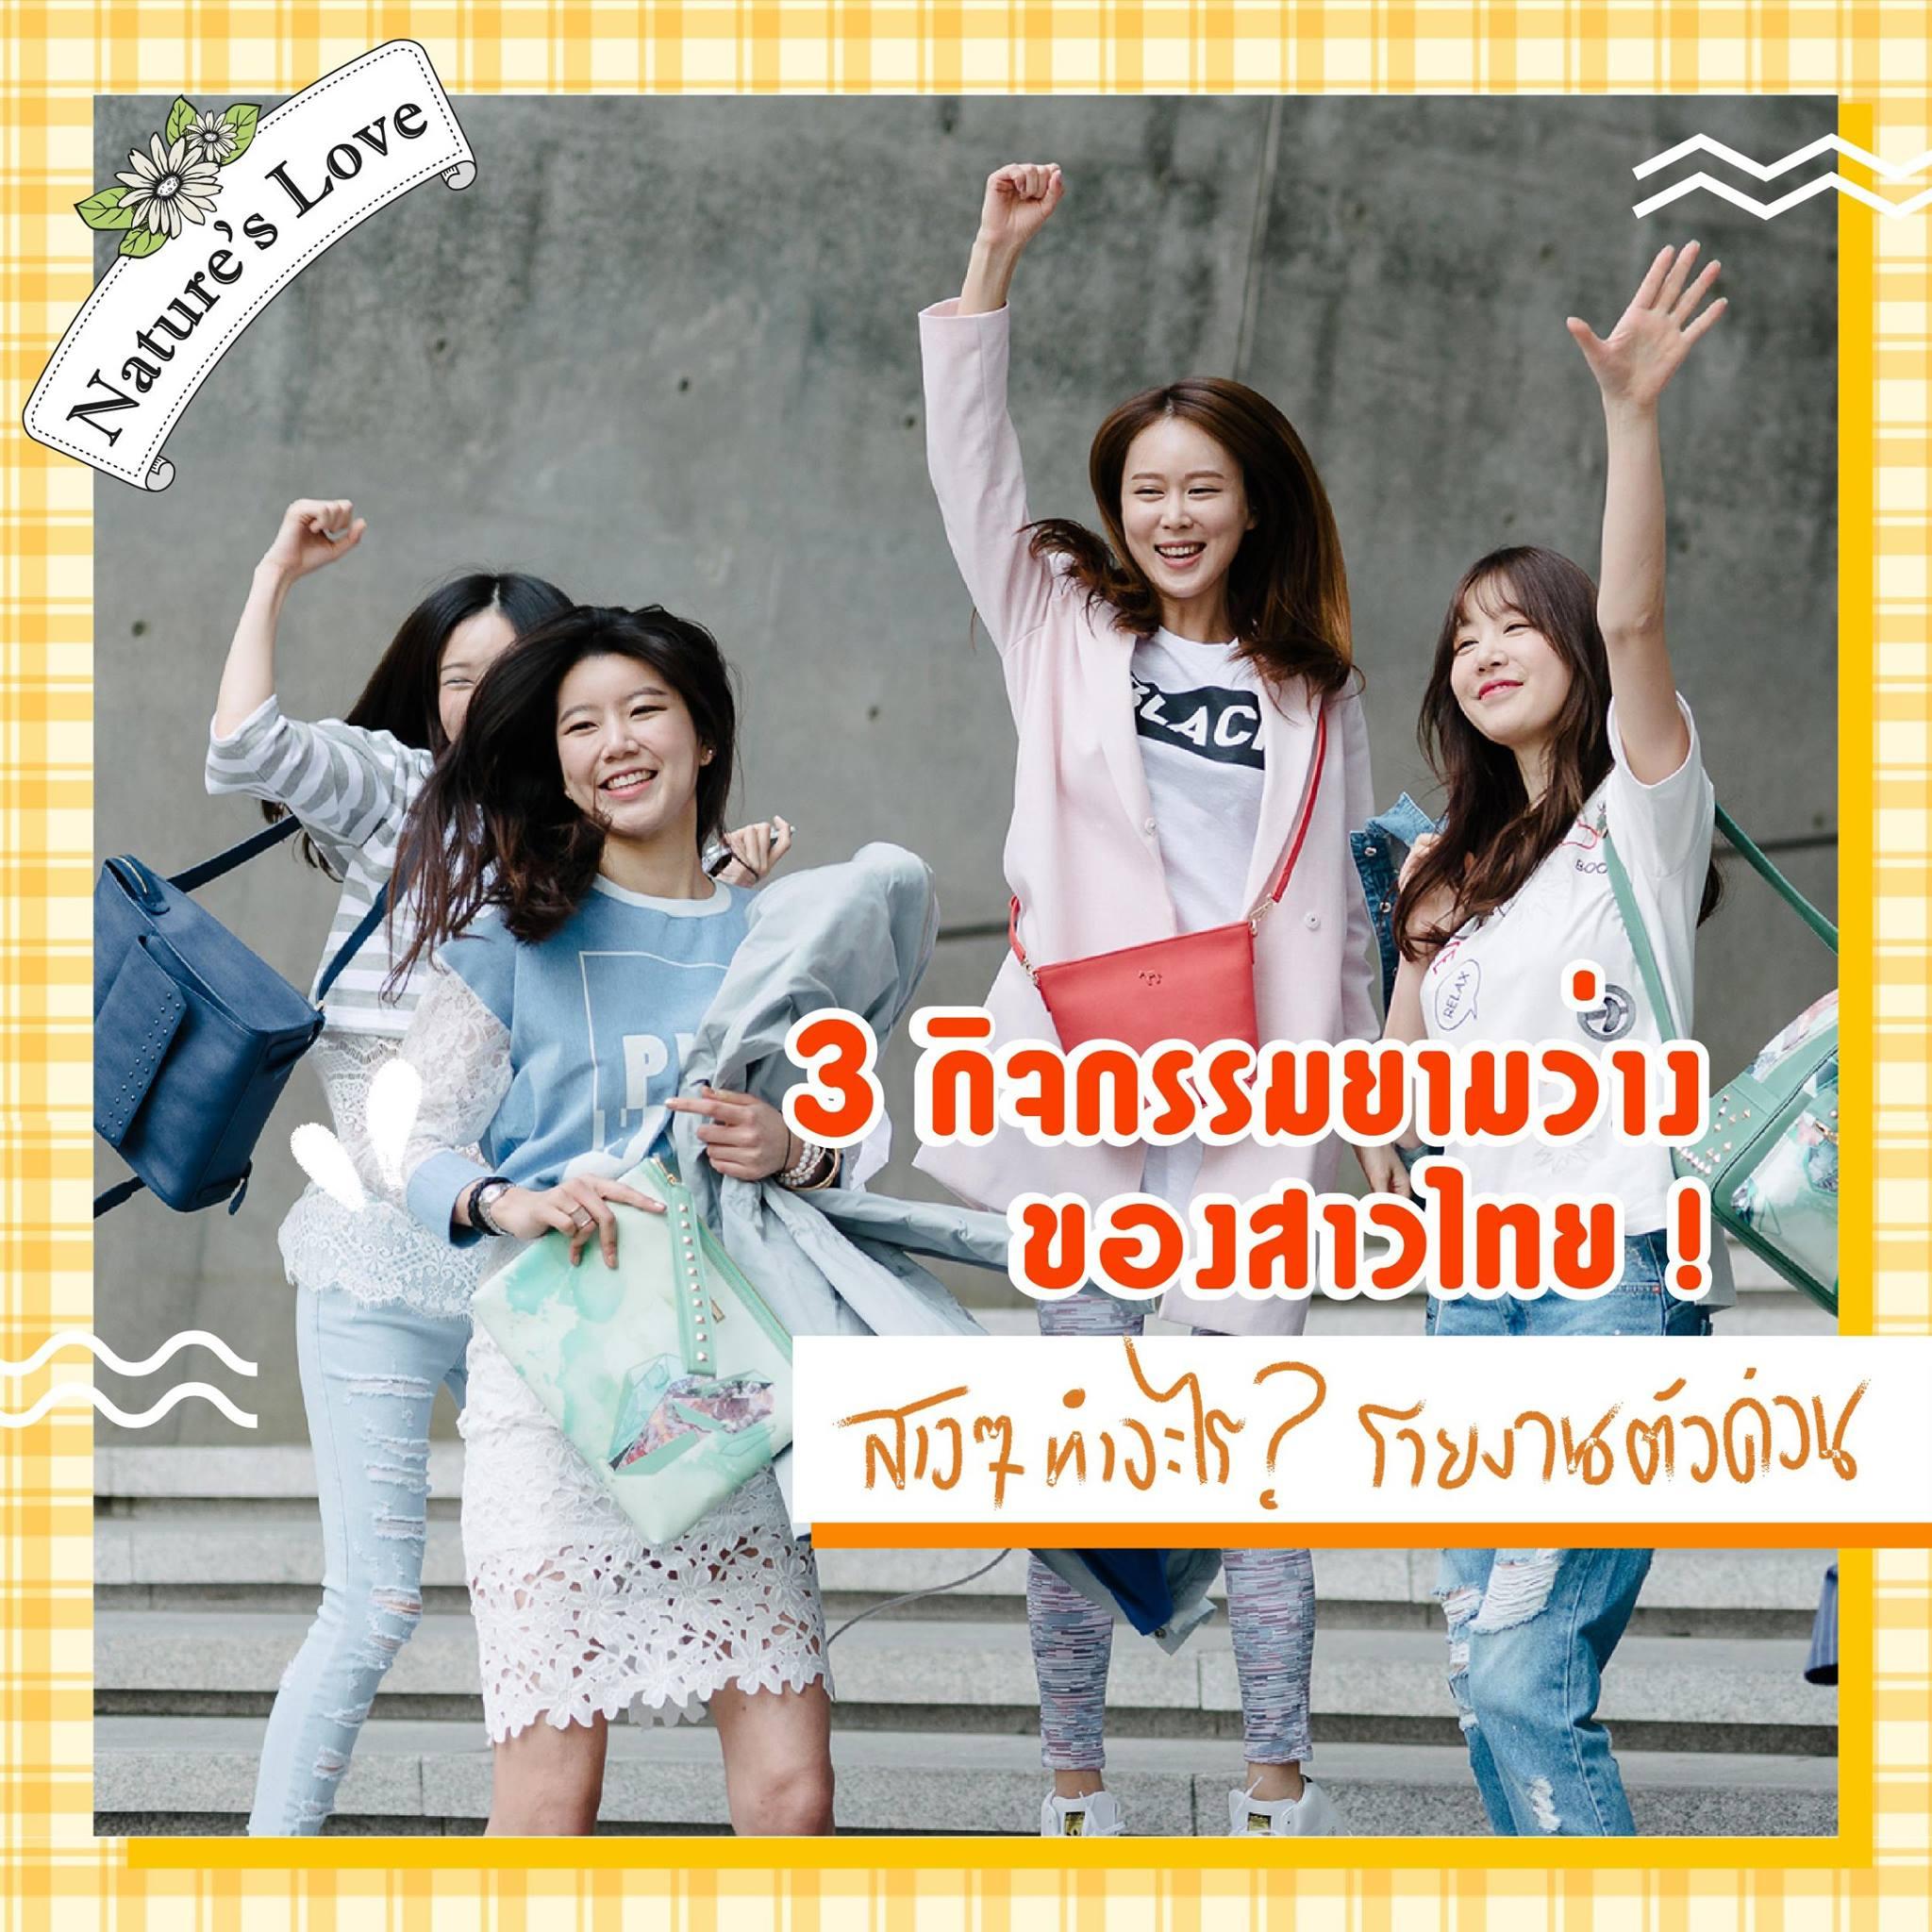 3 กิจกรรมยามว่างของสาวไทย